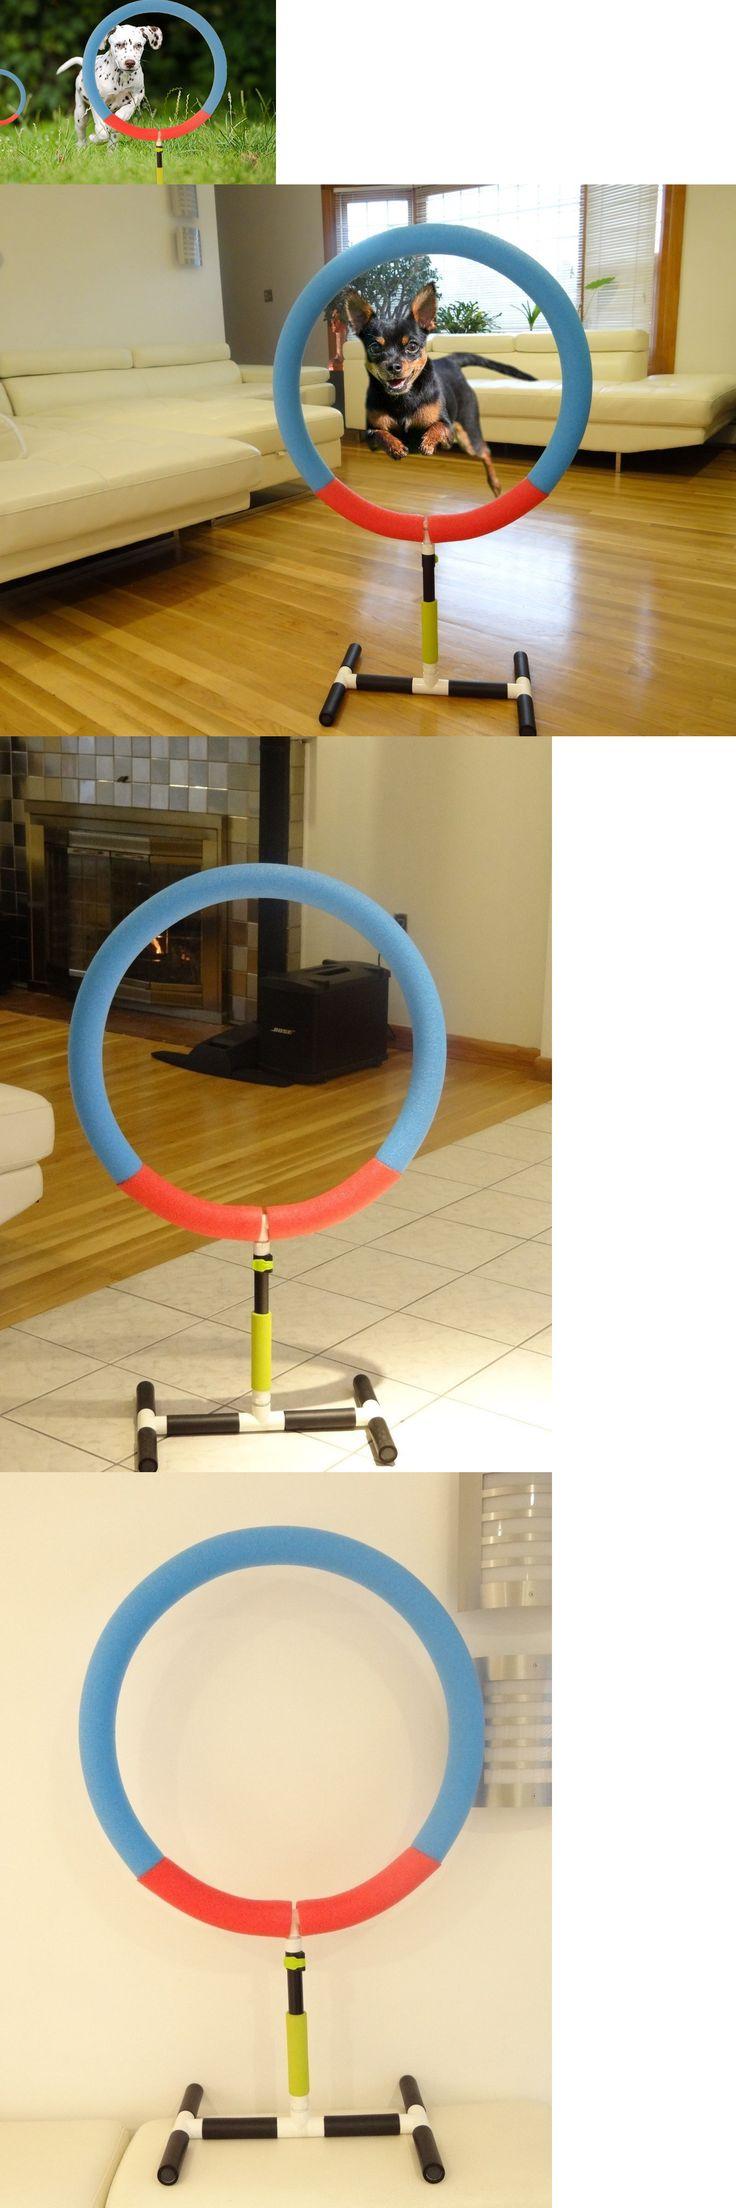 Agility training 116383 dog agility training hoop jump